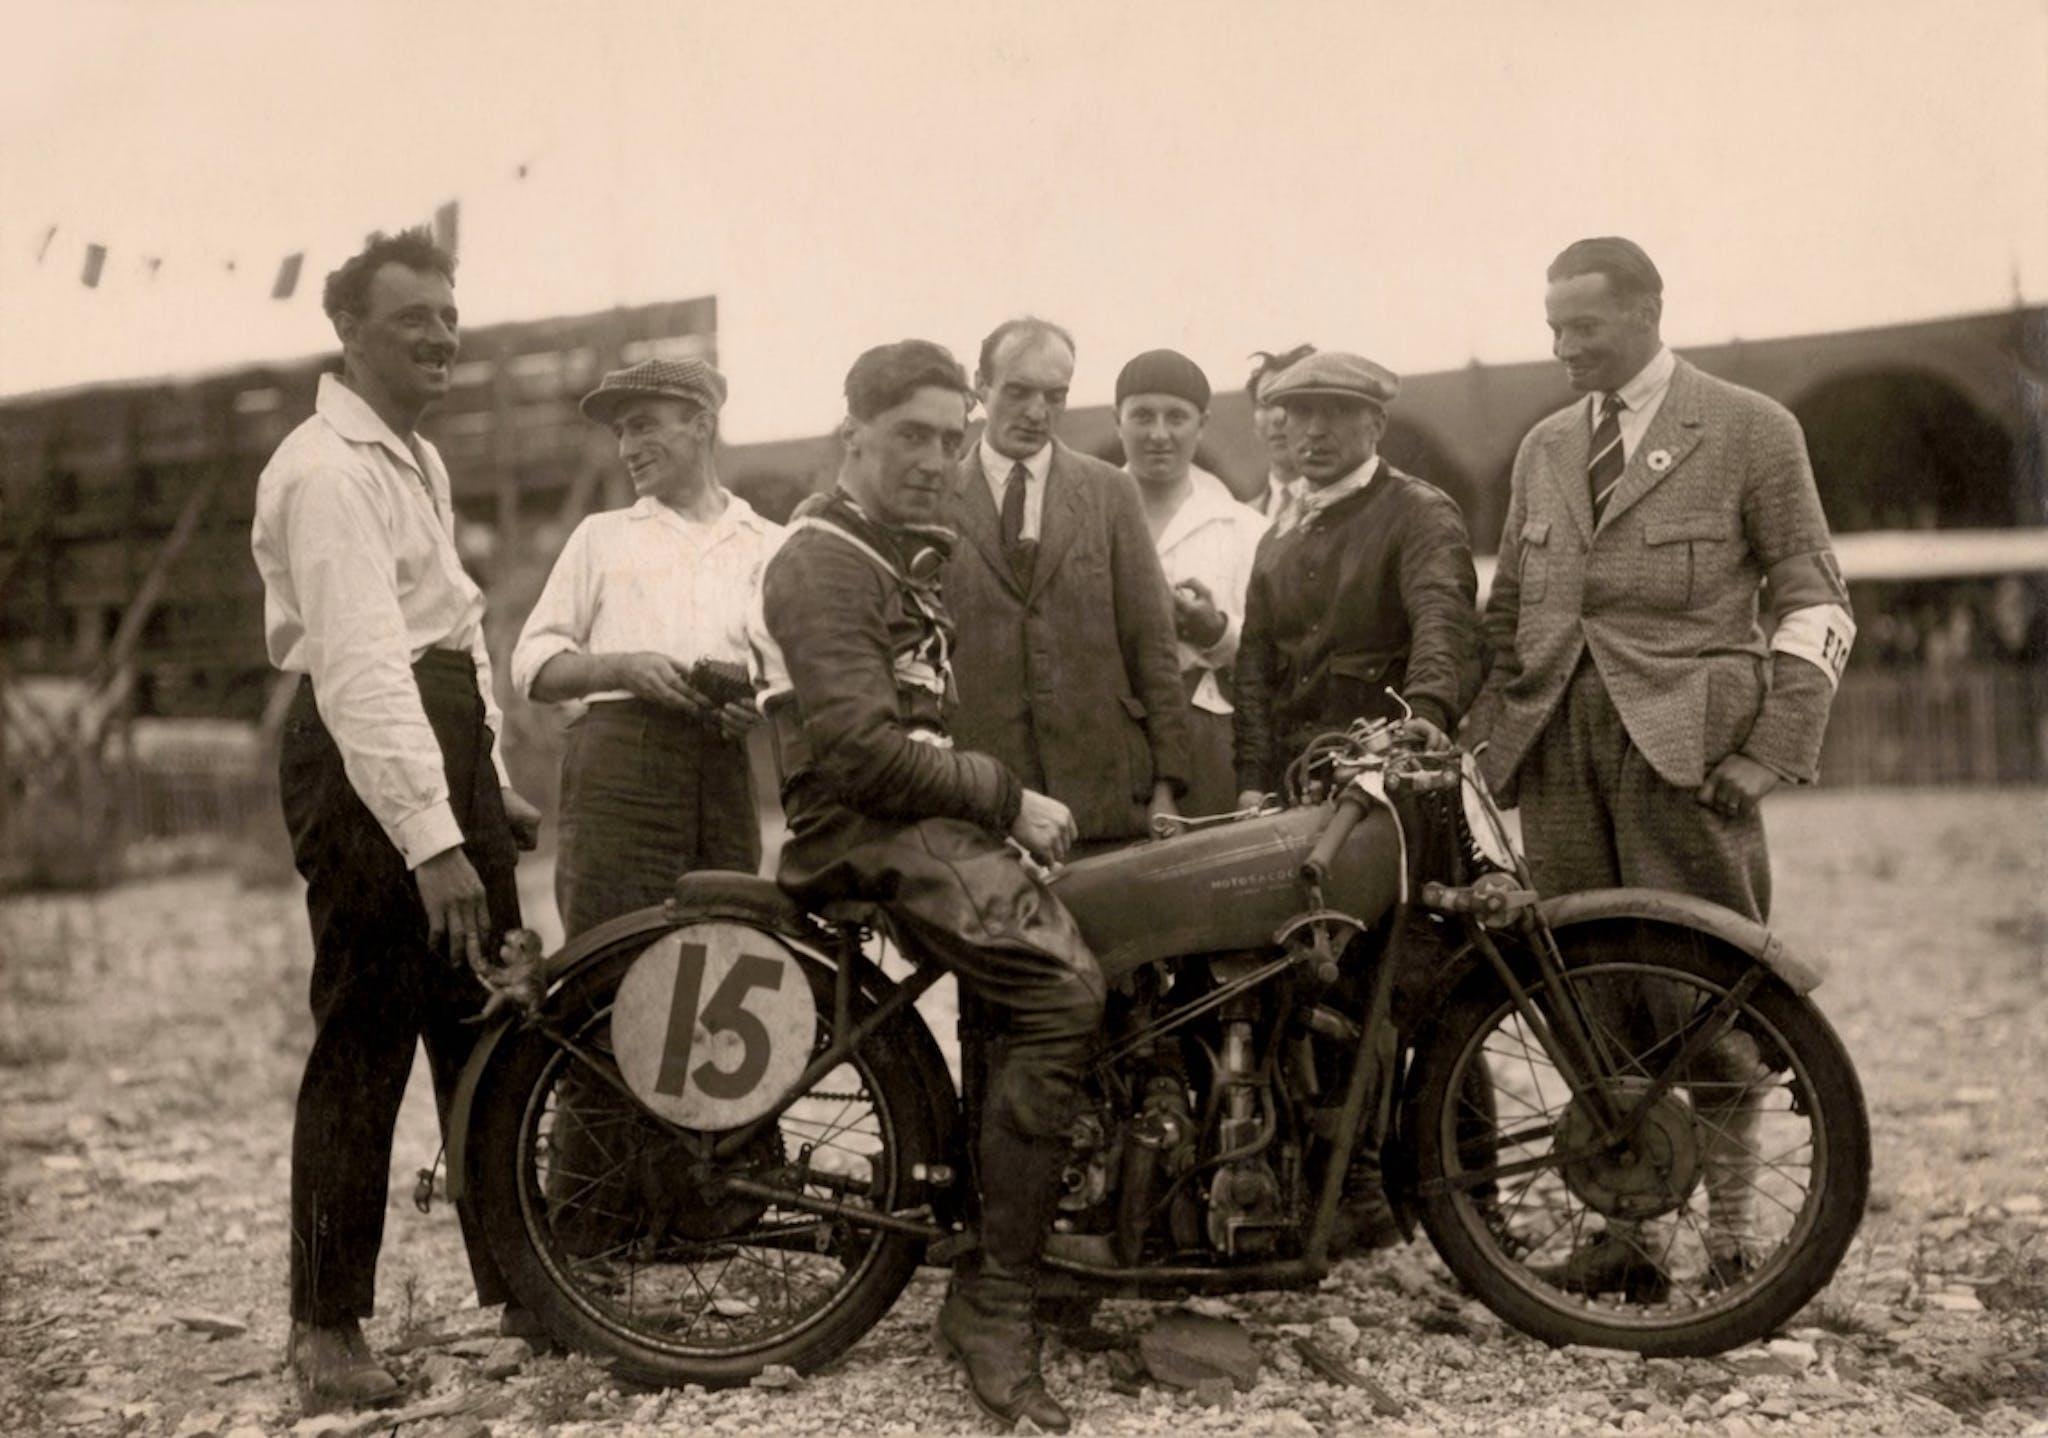 Walter L. Handley vainqueur en Motosacoche 350 cm3 et 500 cm3 du Grand Prix d'Europe de 1928 à Genève